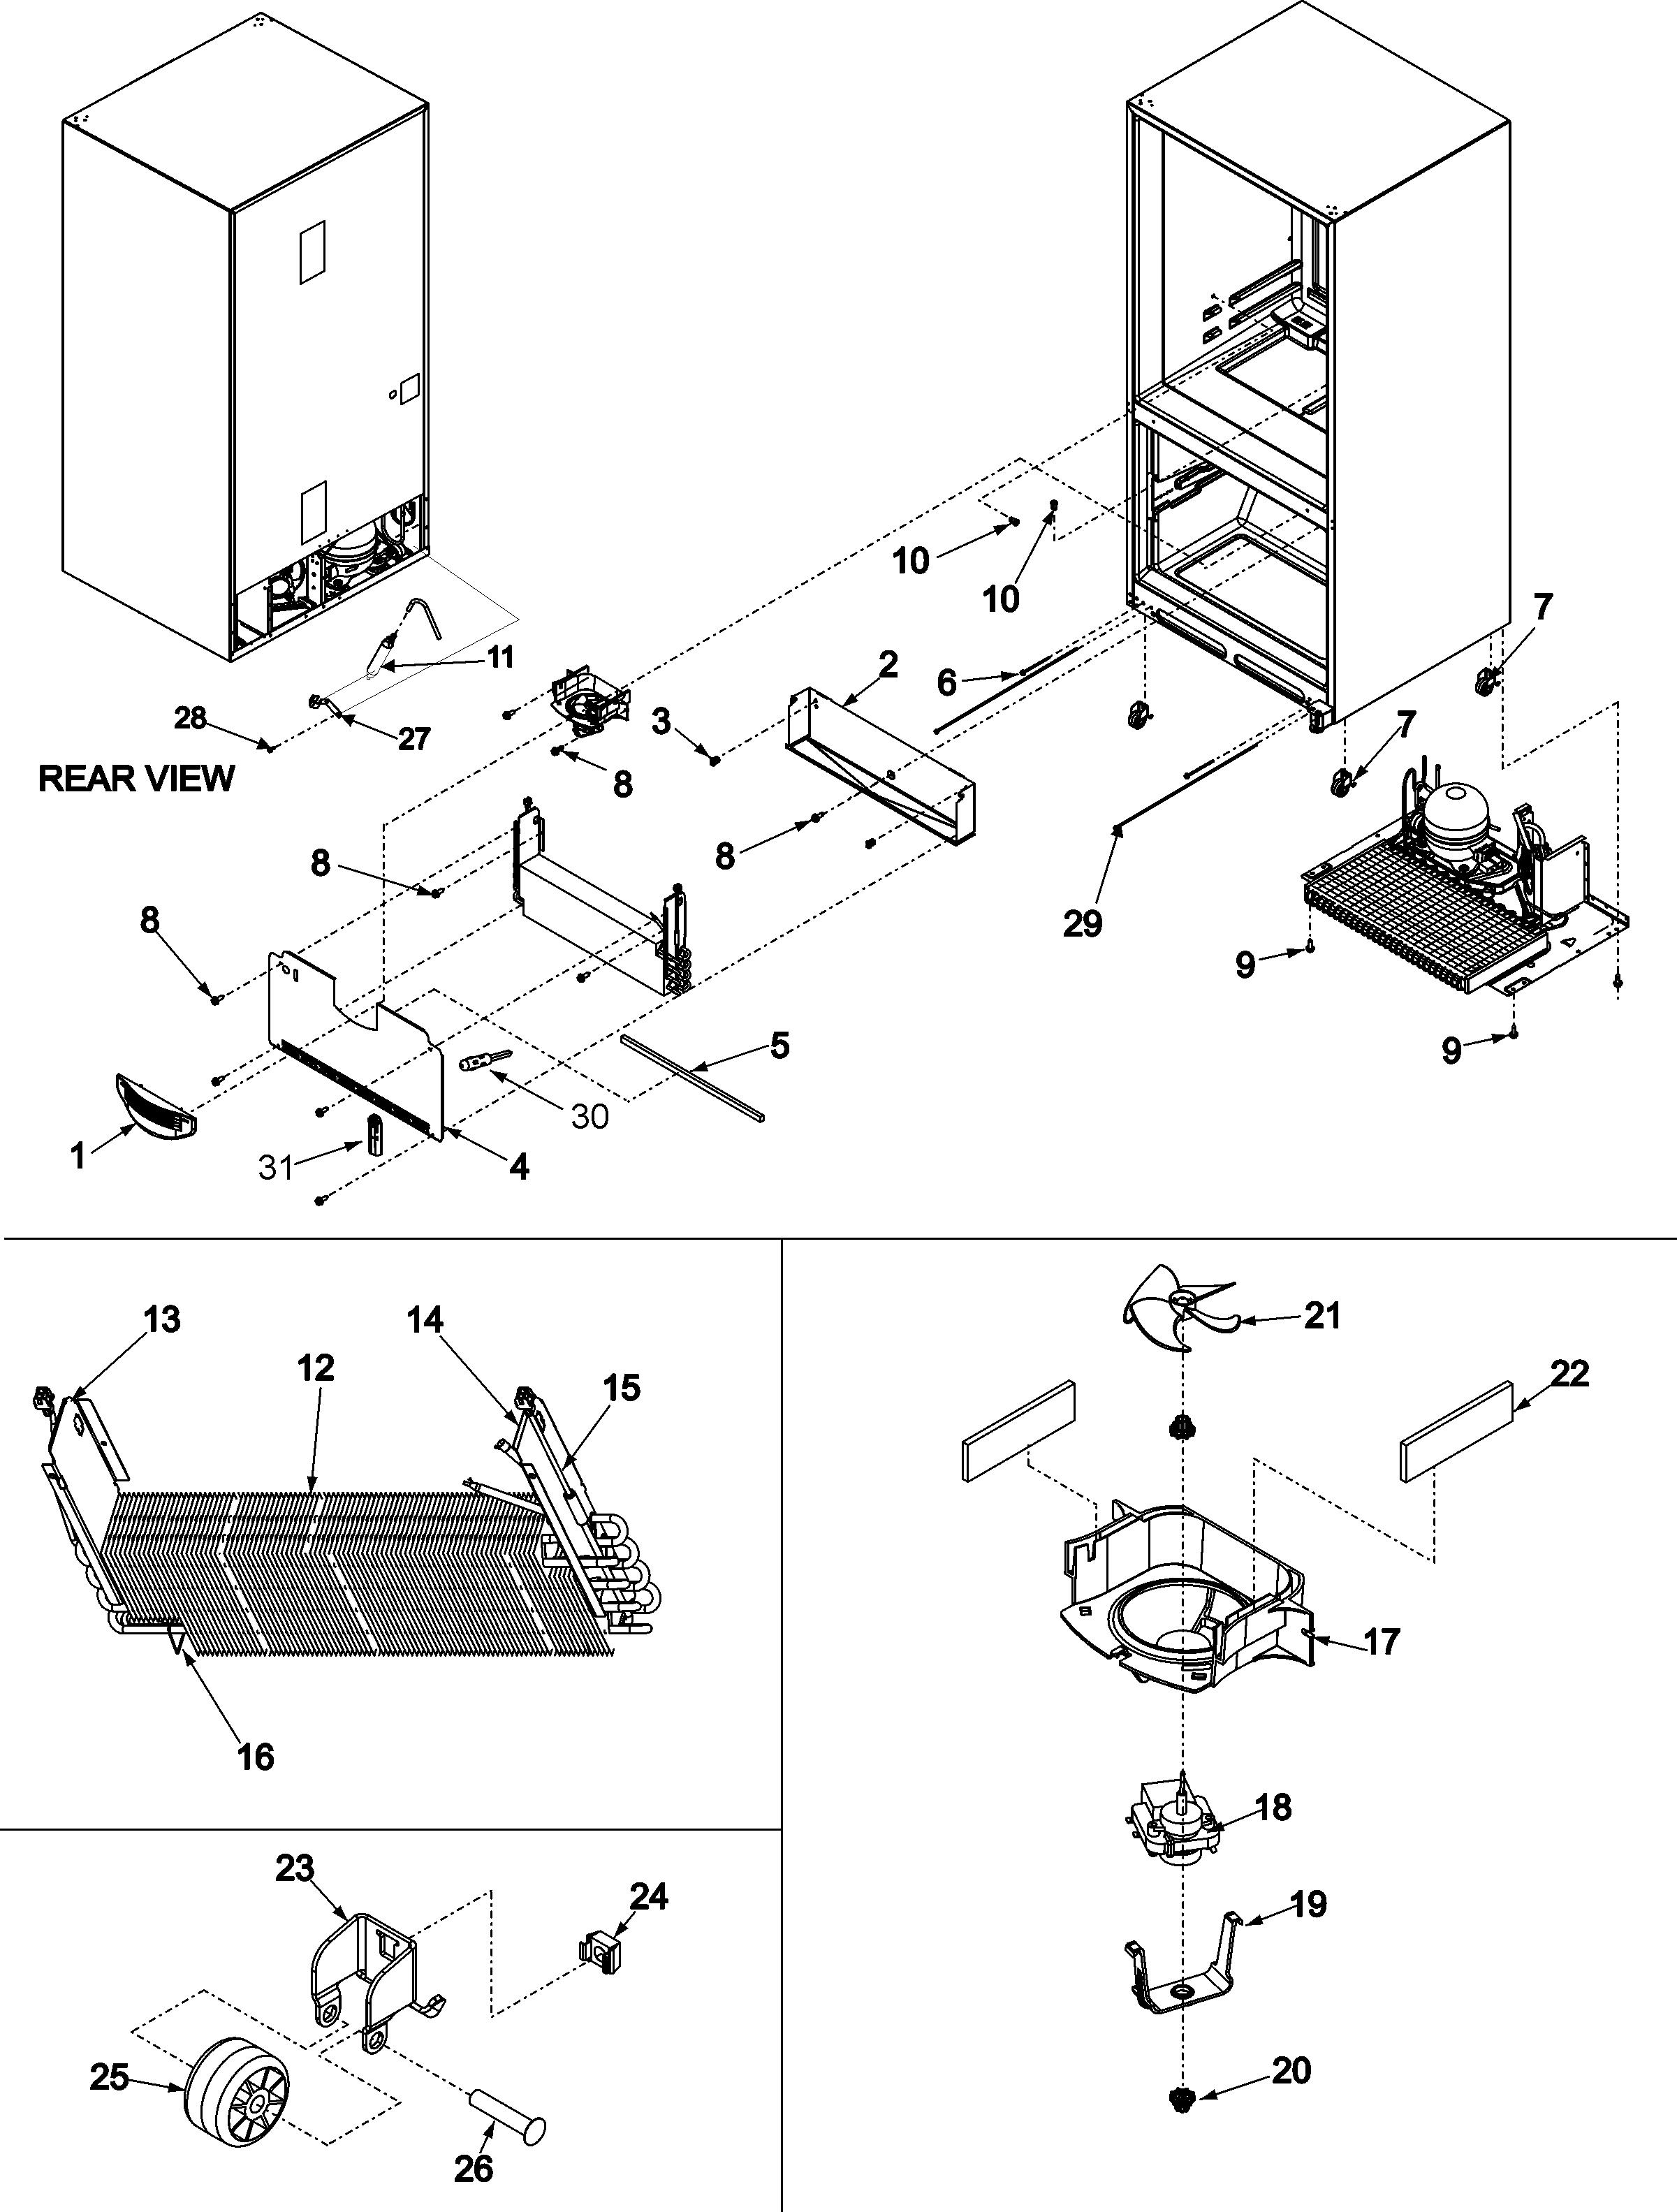 Maytag Refrigerator Mod: MF C2061 HEW SN: 1293 7443 JG The